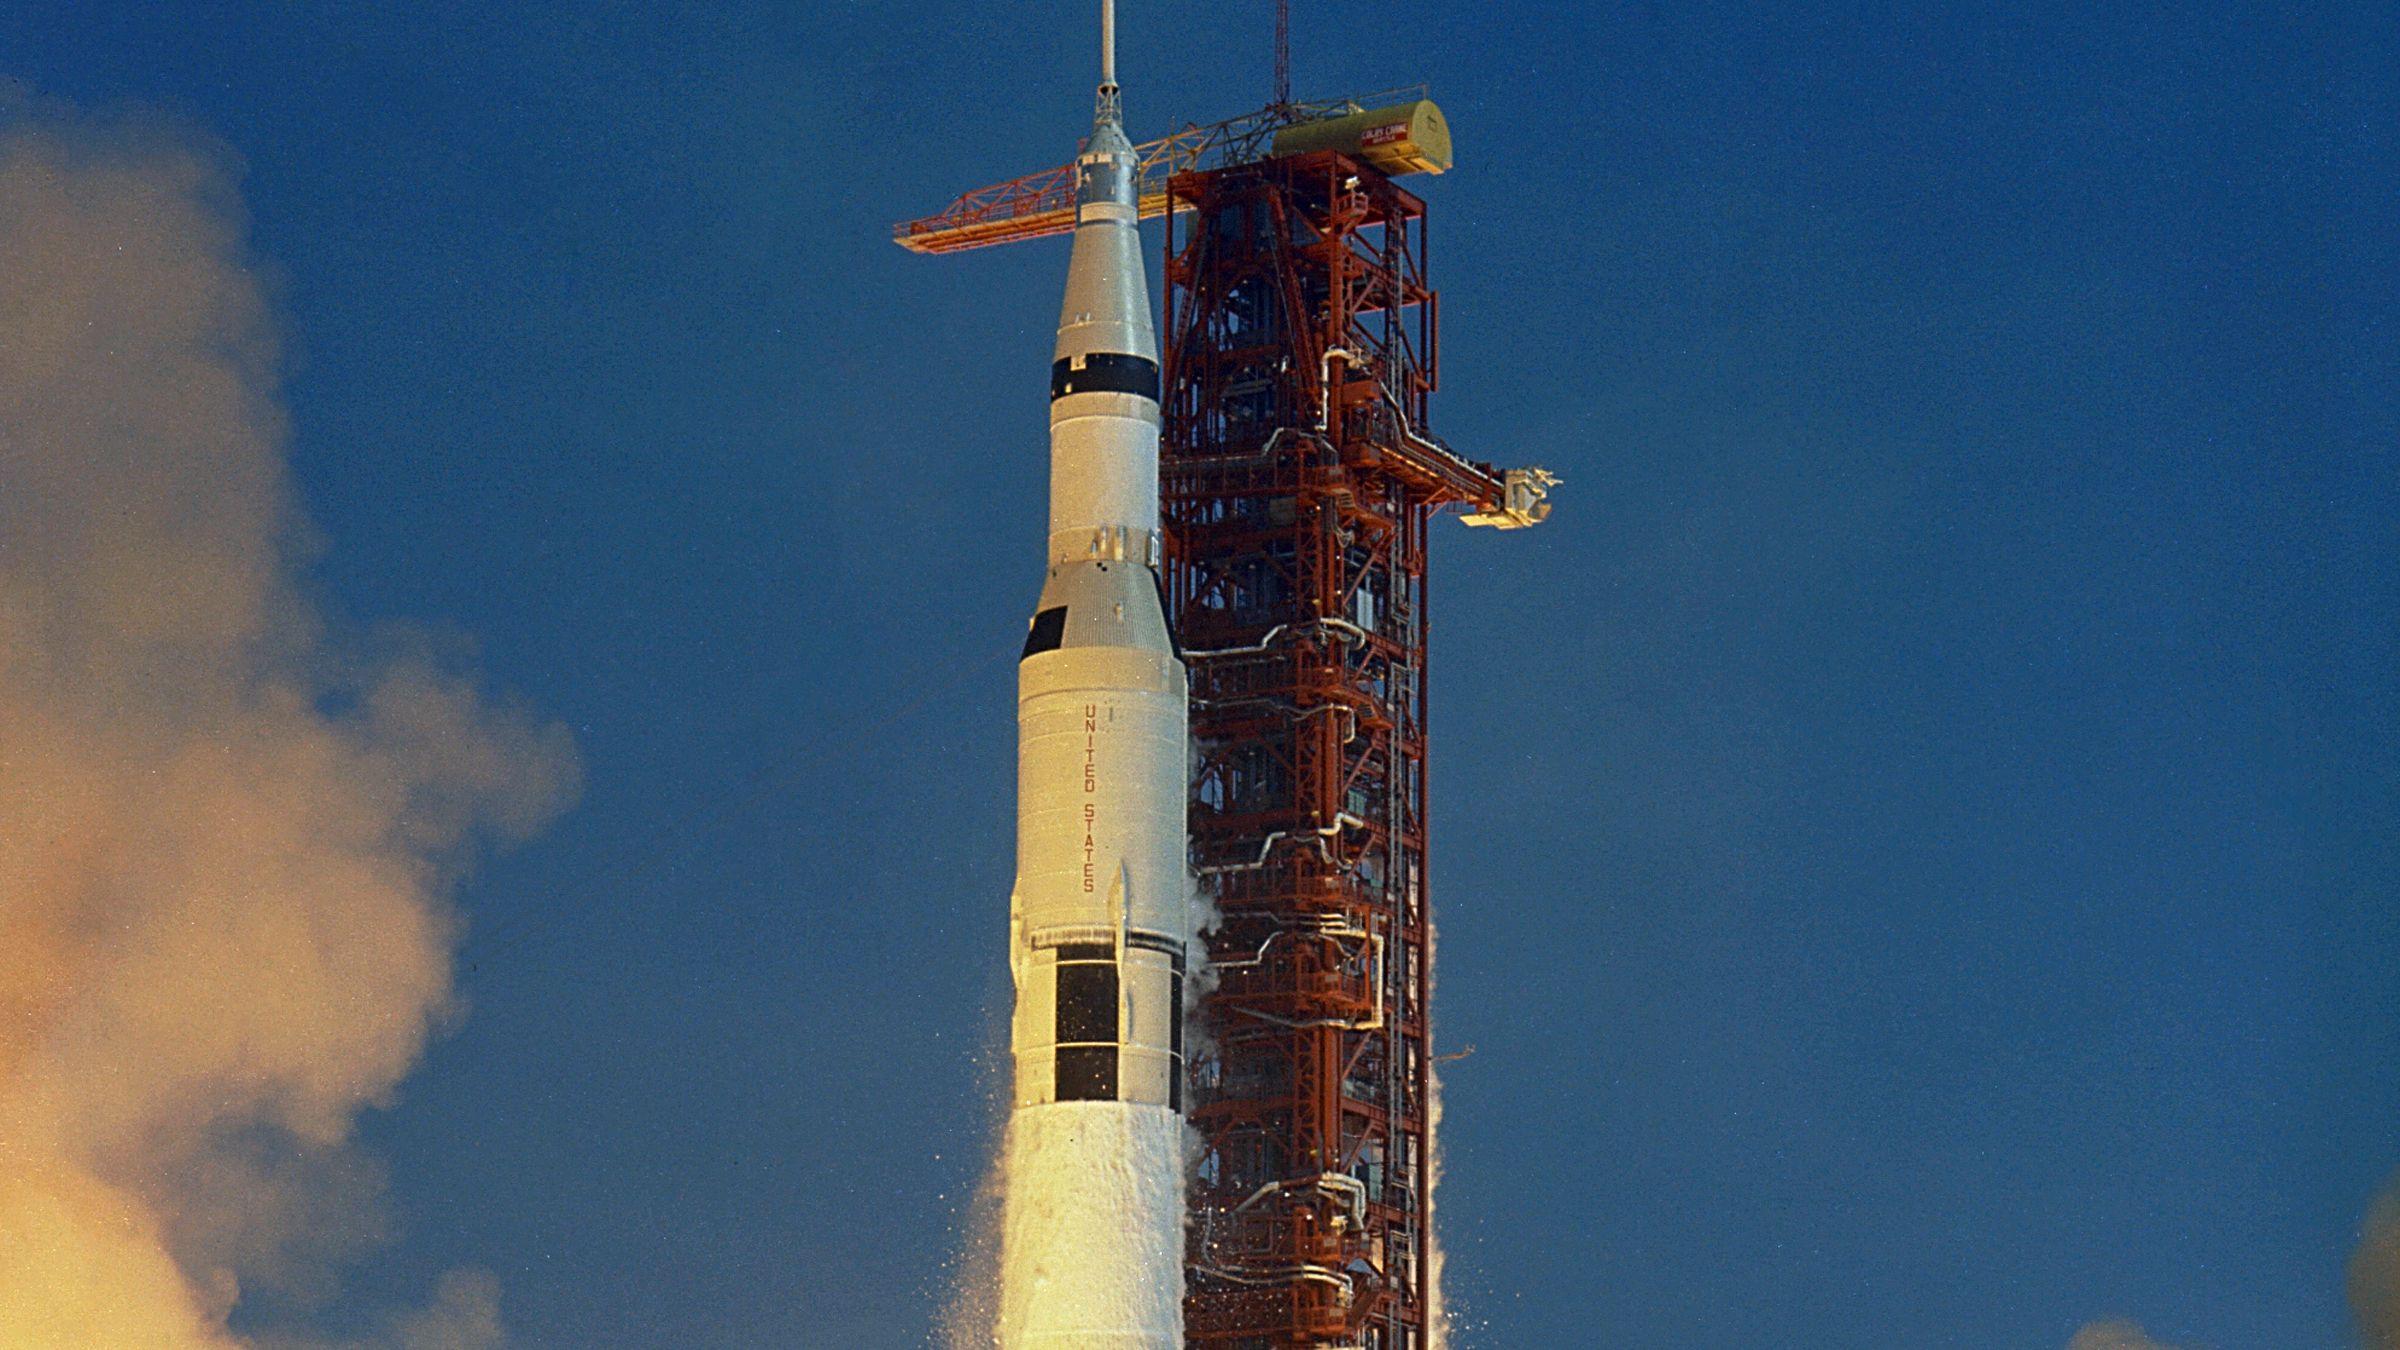 apollo spaceship on washington monument - photo #43